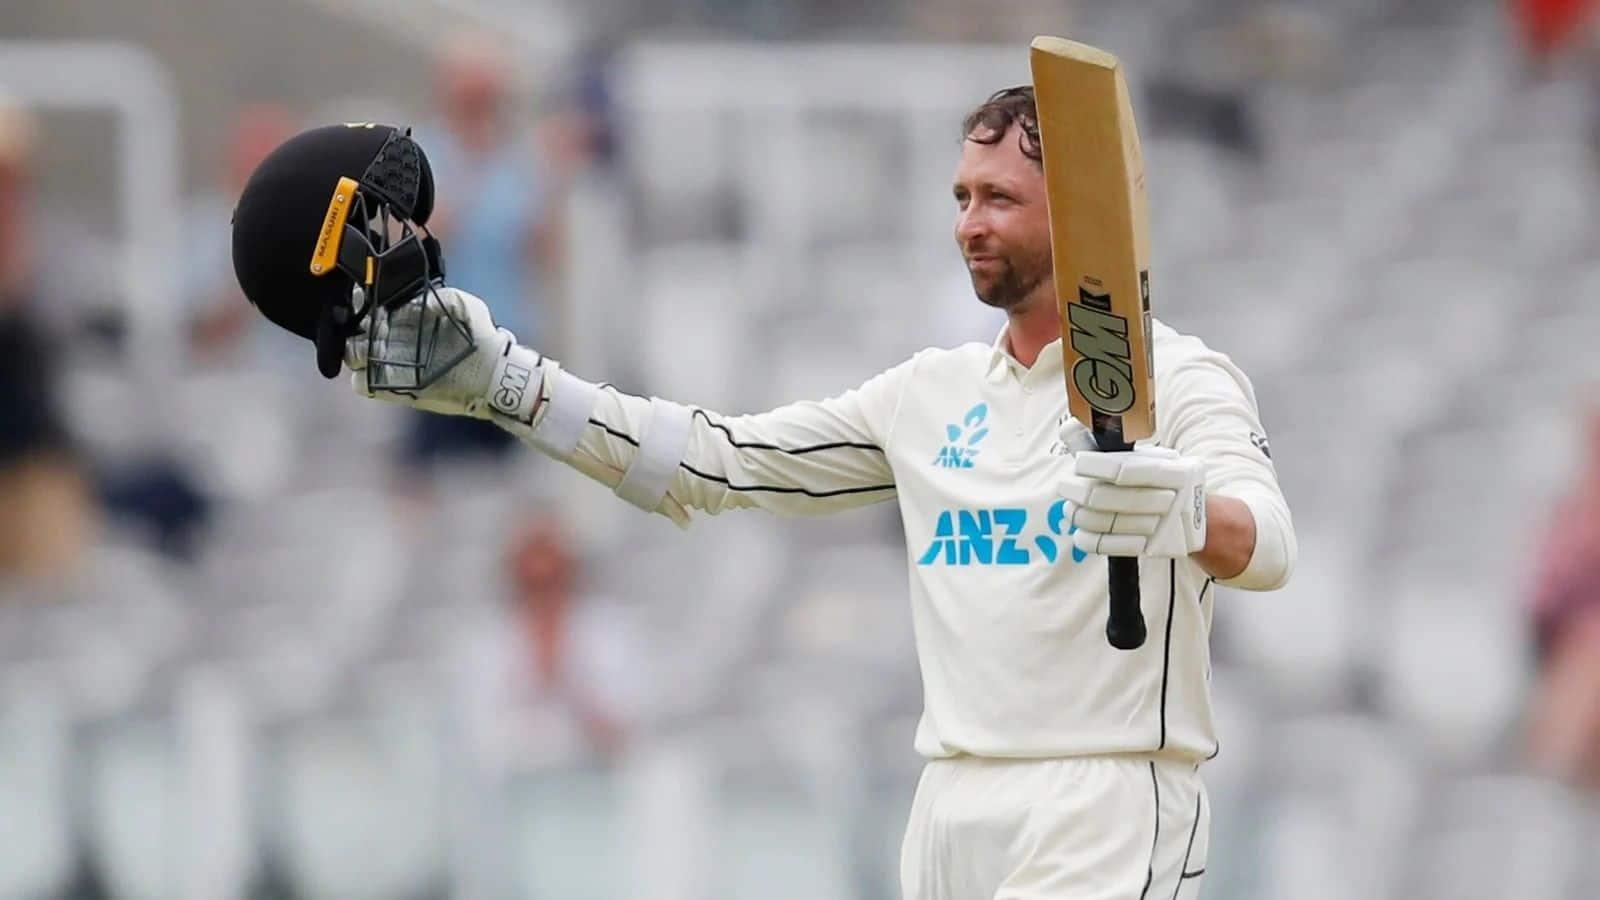 सलामी बल्लेबाज डेवोन कॉन्वे डेब्यू टेस्ट में दोहरा शतक ठोकने वाले न्यूजीलैंड के दूसरे बल्लेबाज बन गए हैं.